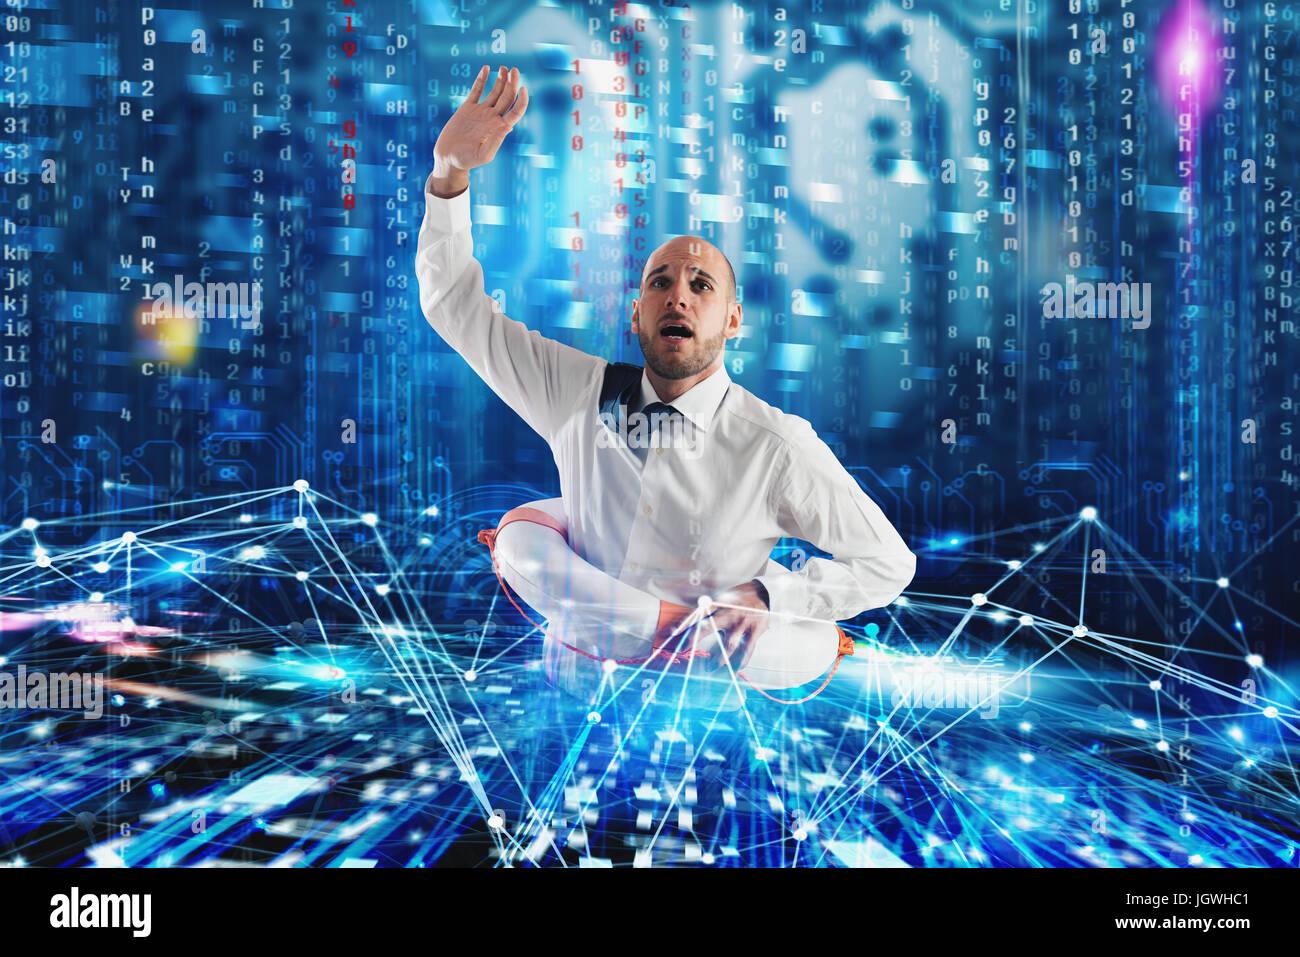 El empresario necesita ayuda para navegar por la internet. Problema de exploración de Internet concepto Imagen De Stock